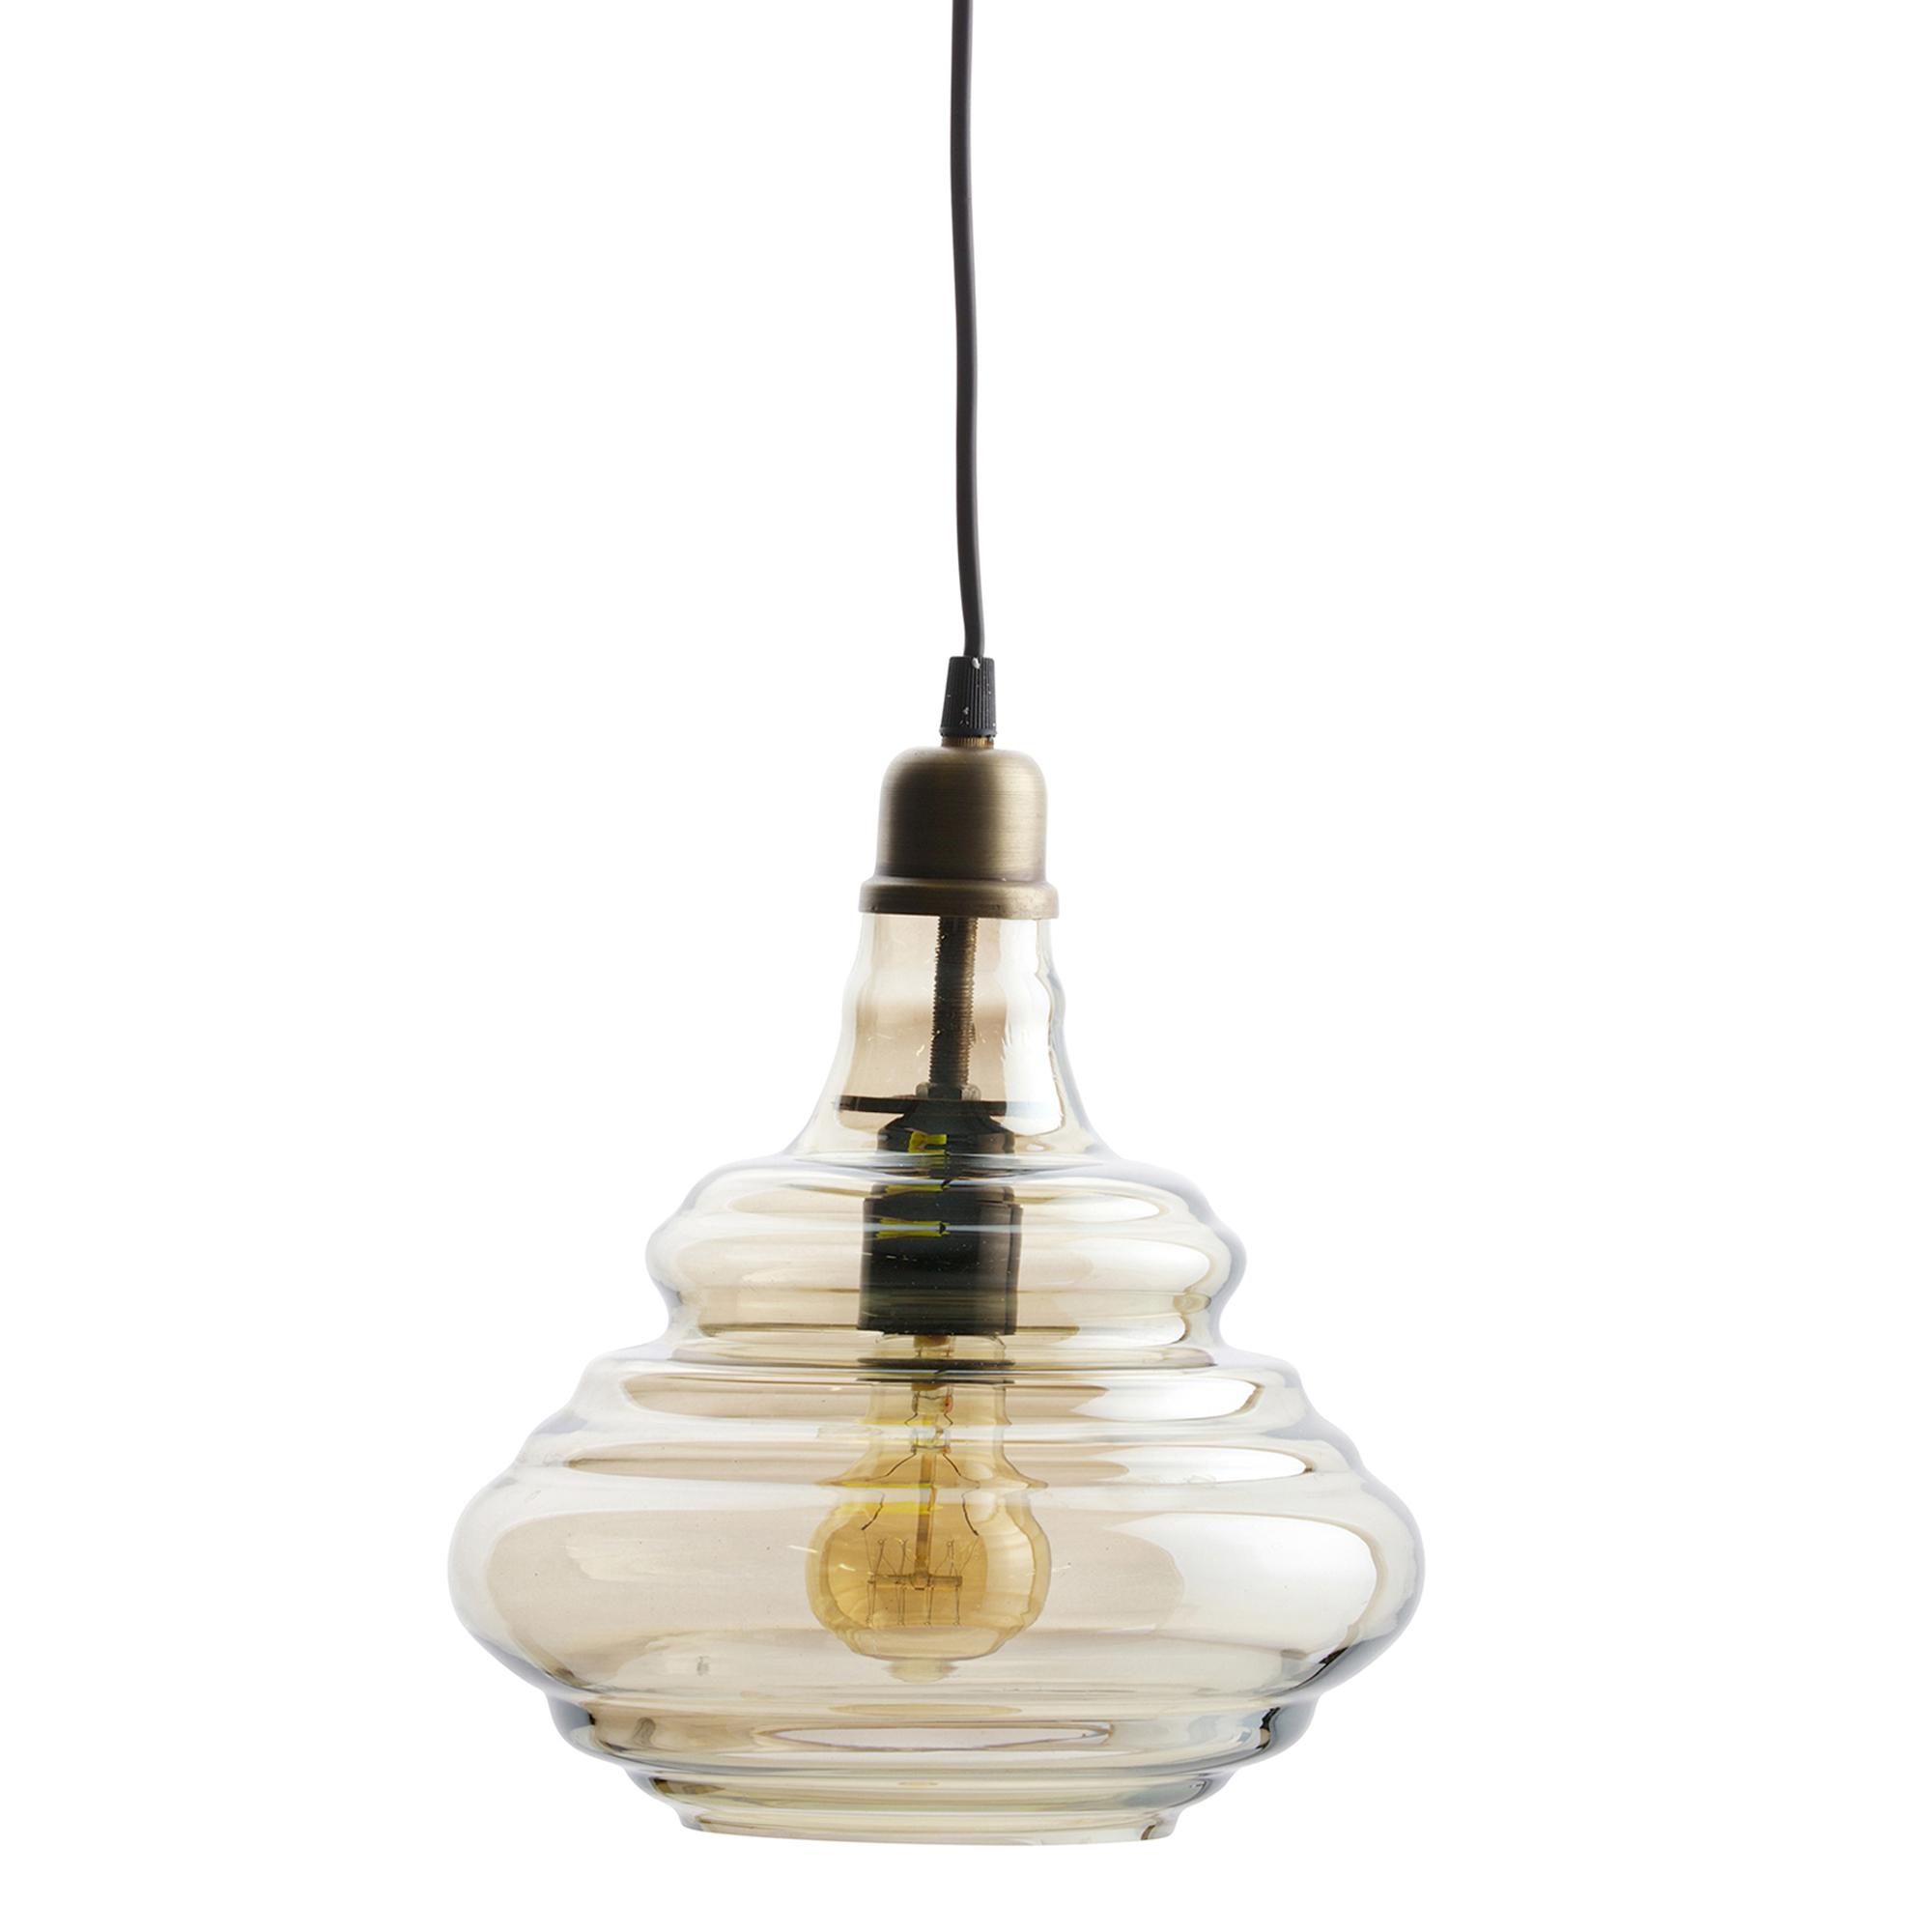 BePure vintage hanglamp glas antique brass